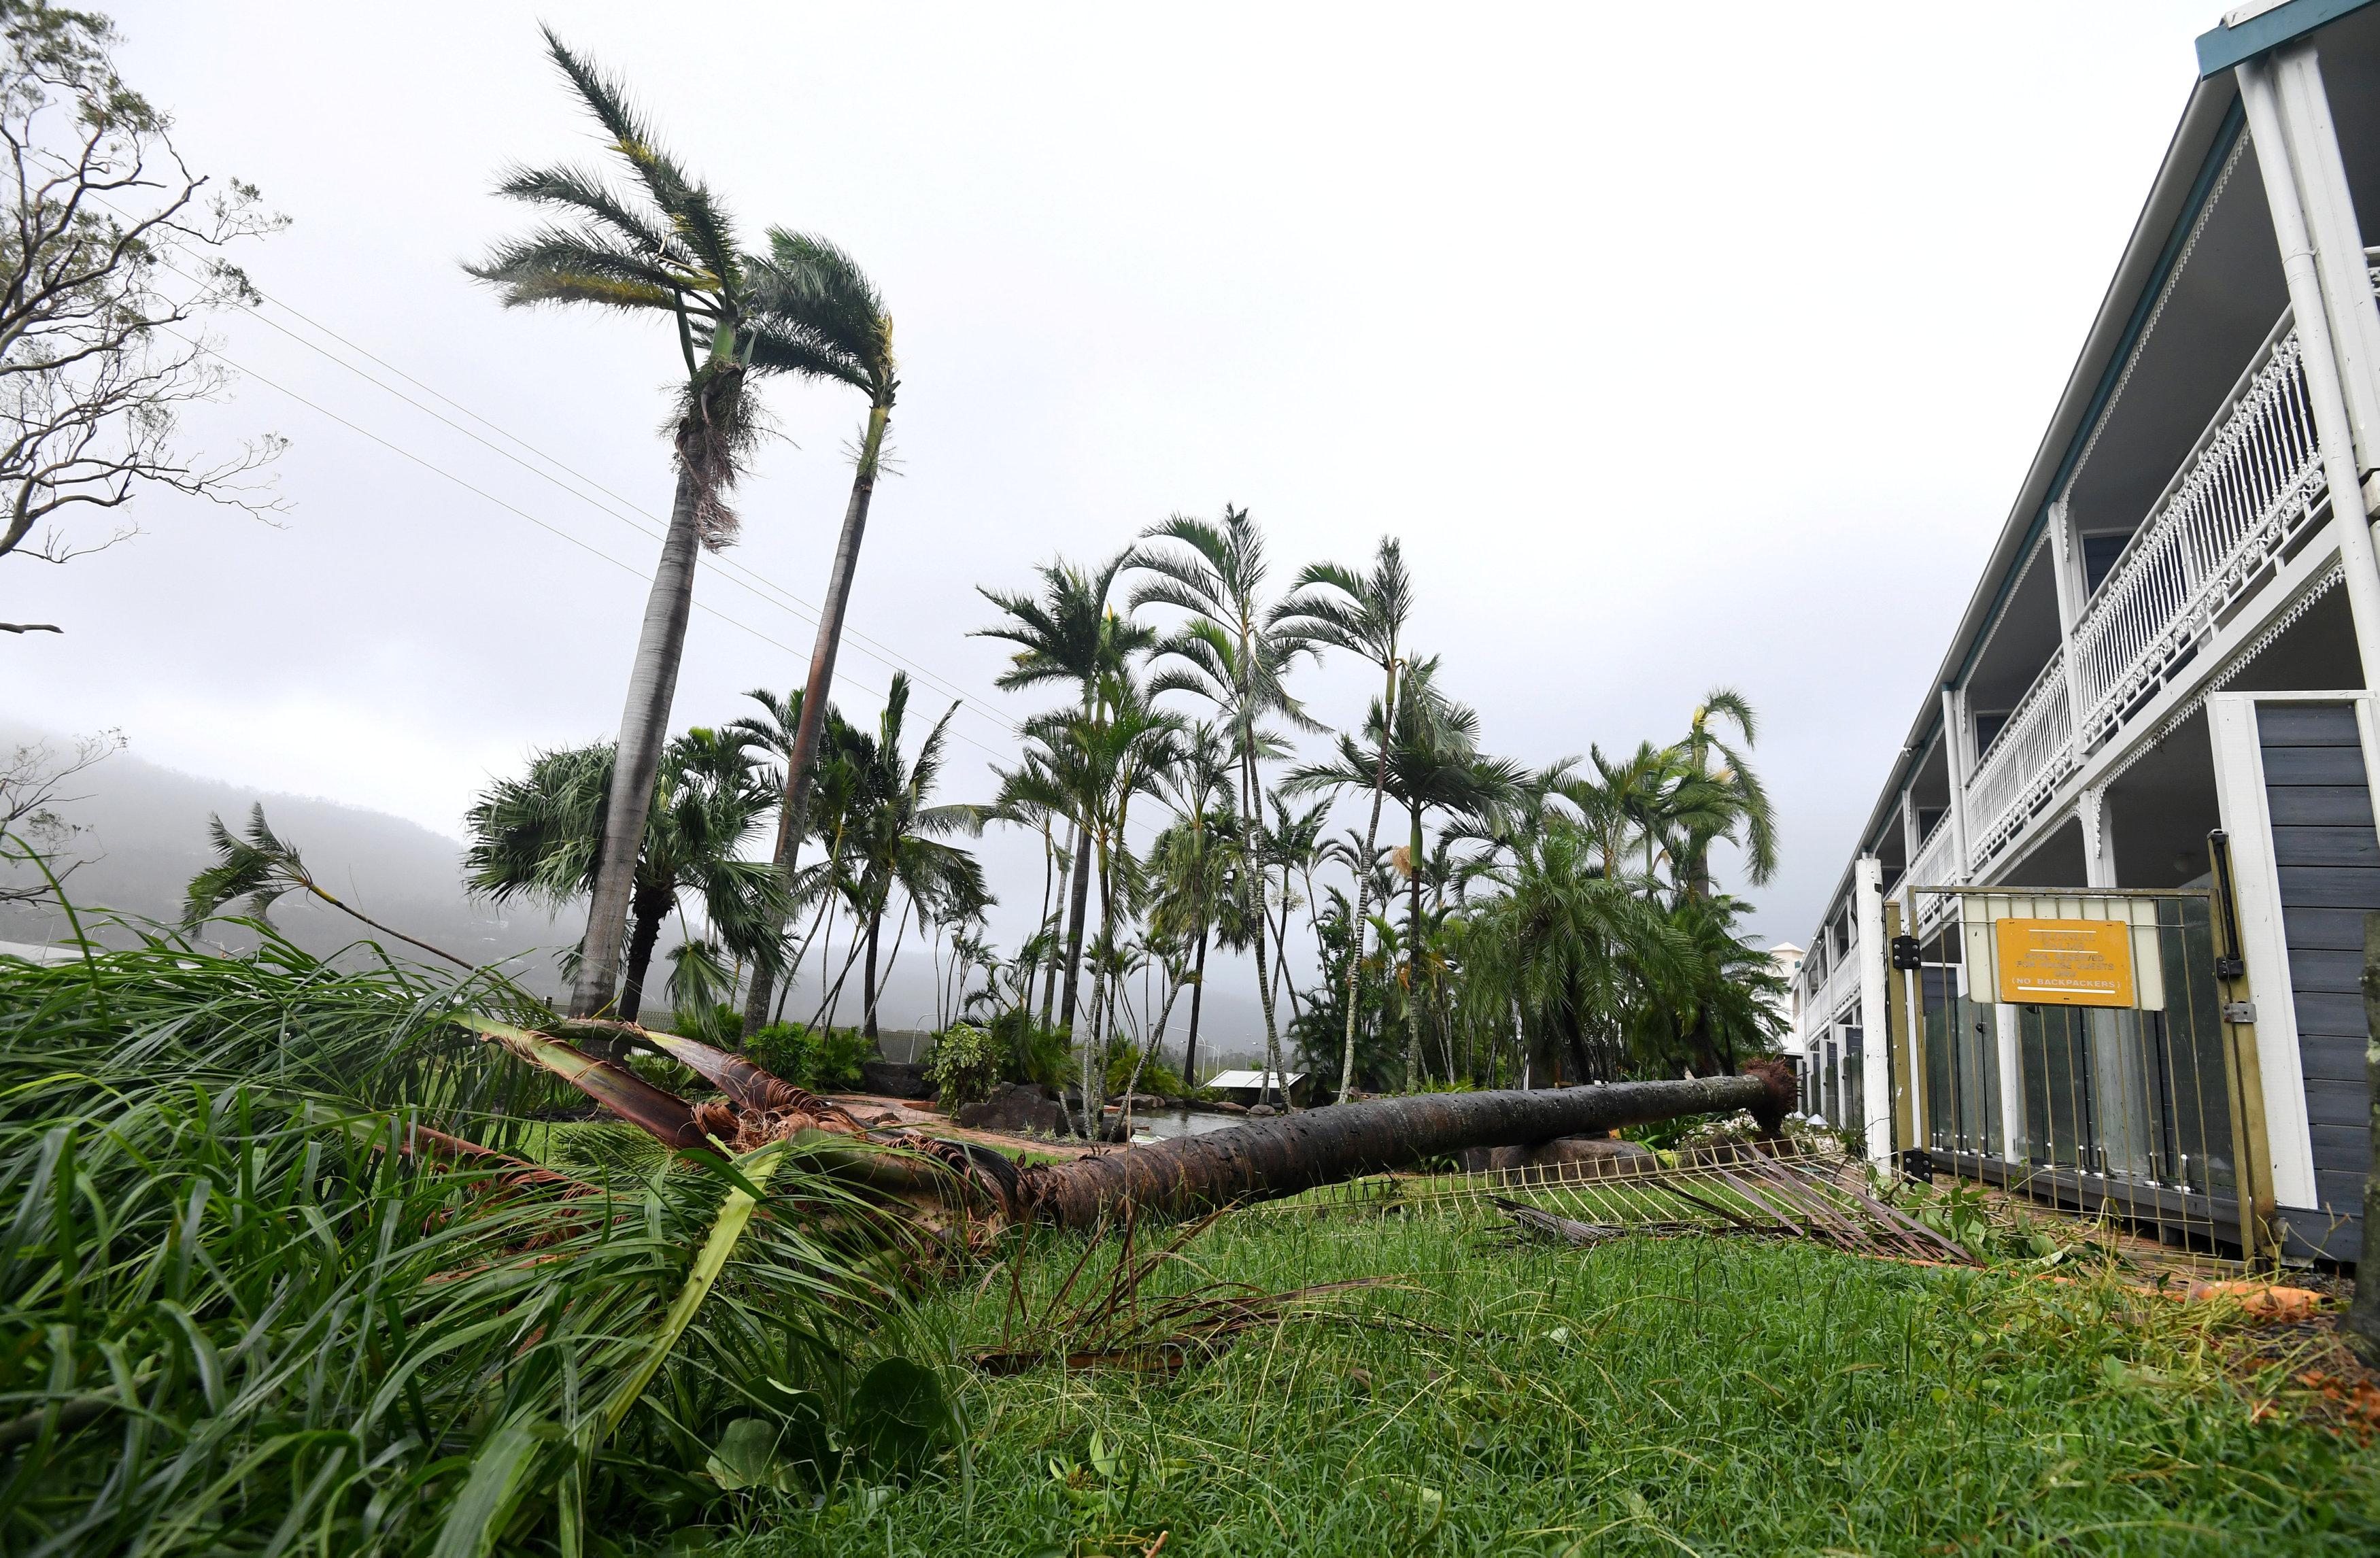 اعصار في استراليا (3)